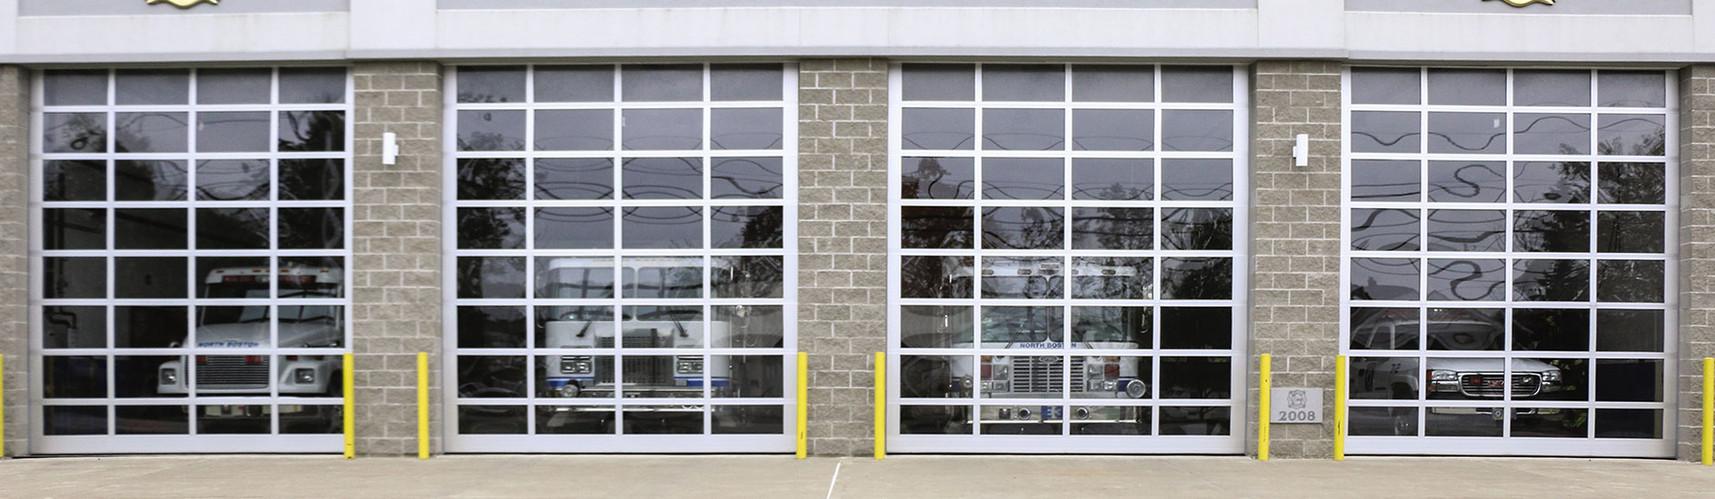 Commercial-Sectional-Door-451-452-statio